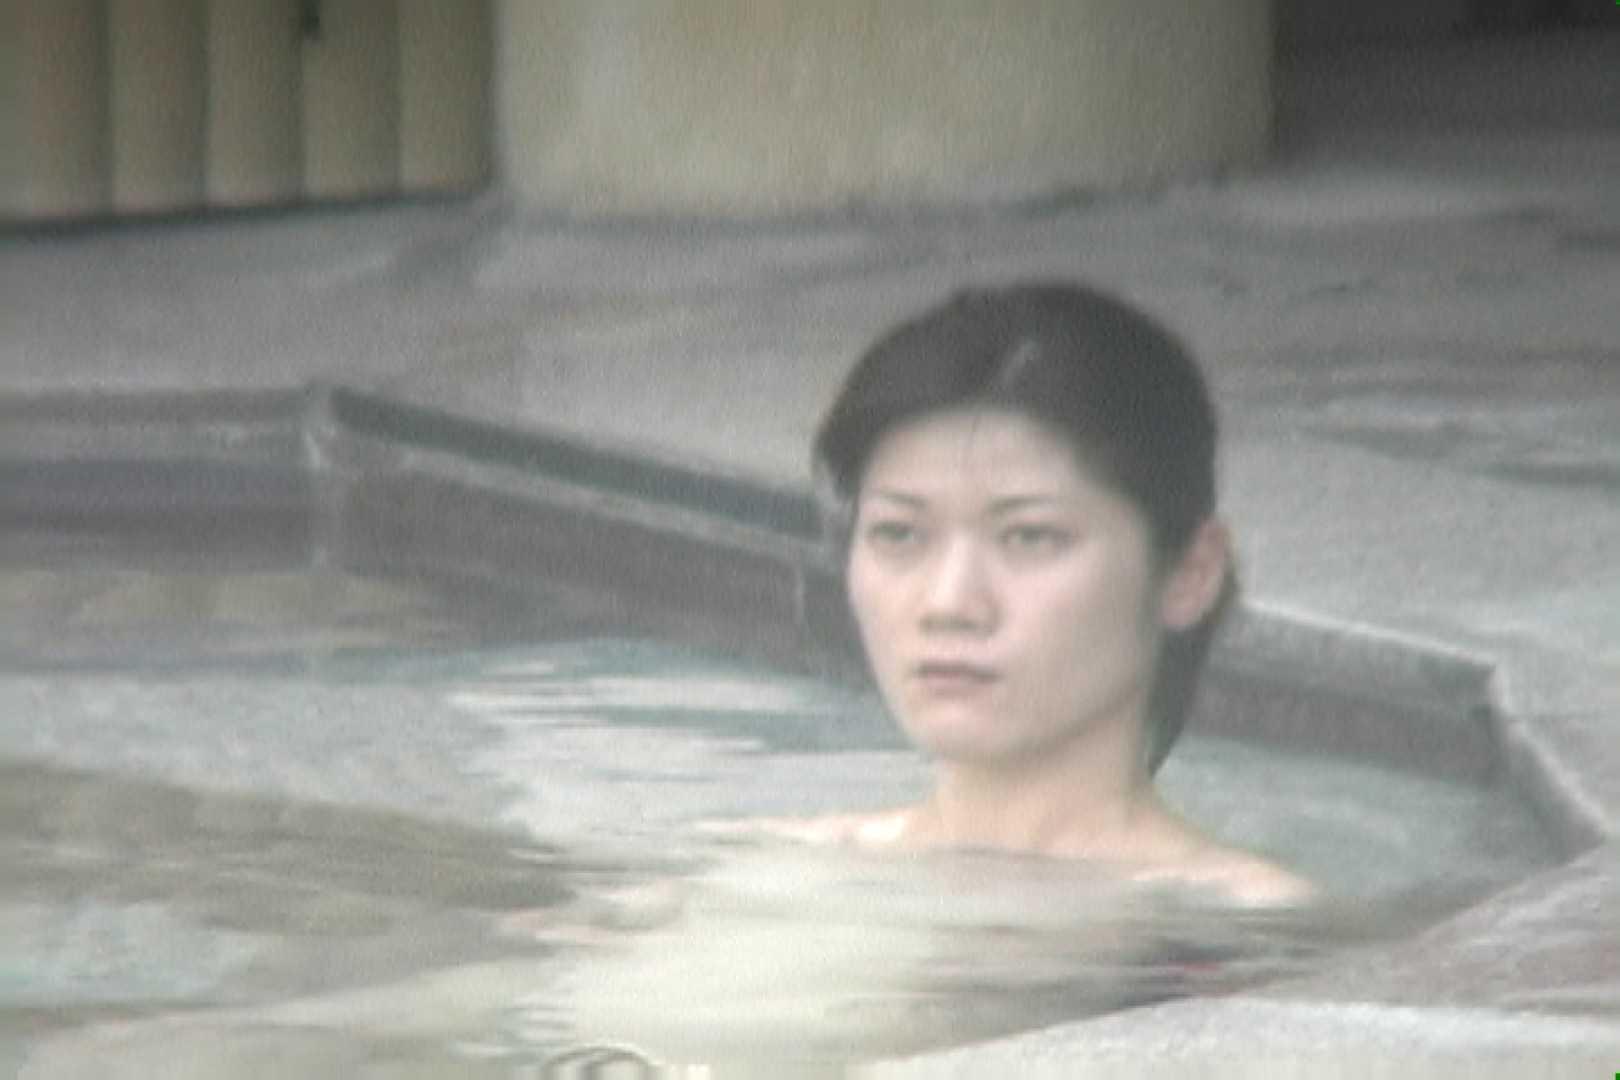 Aquaな露天風呂Vol.686 0   0  83pic 16